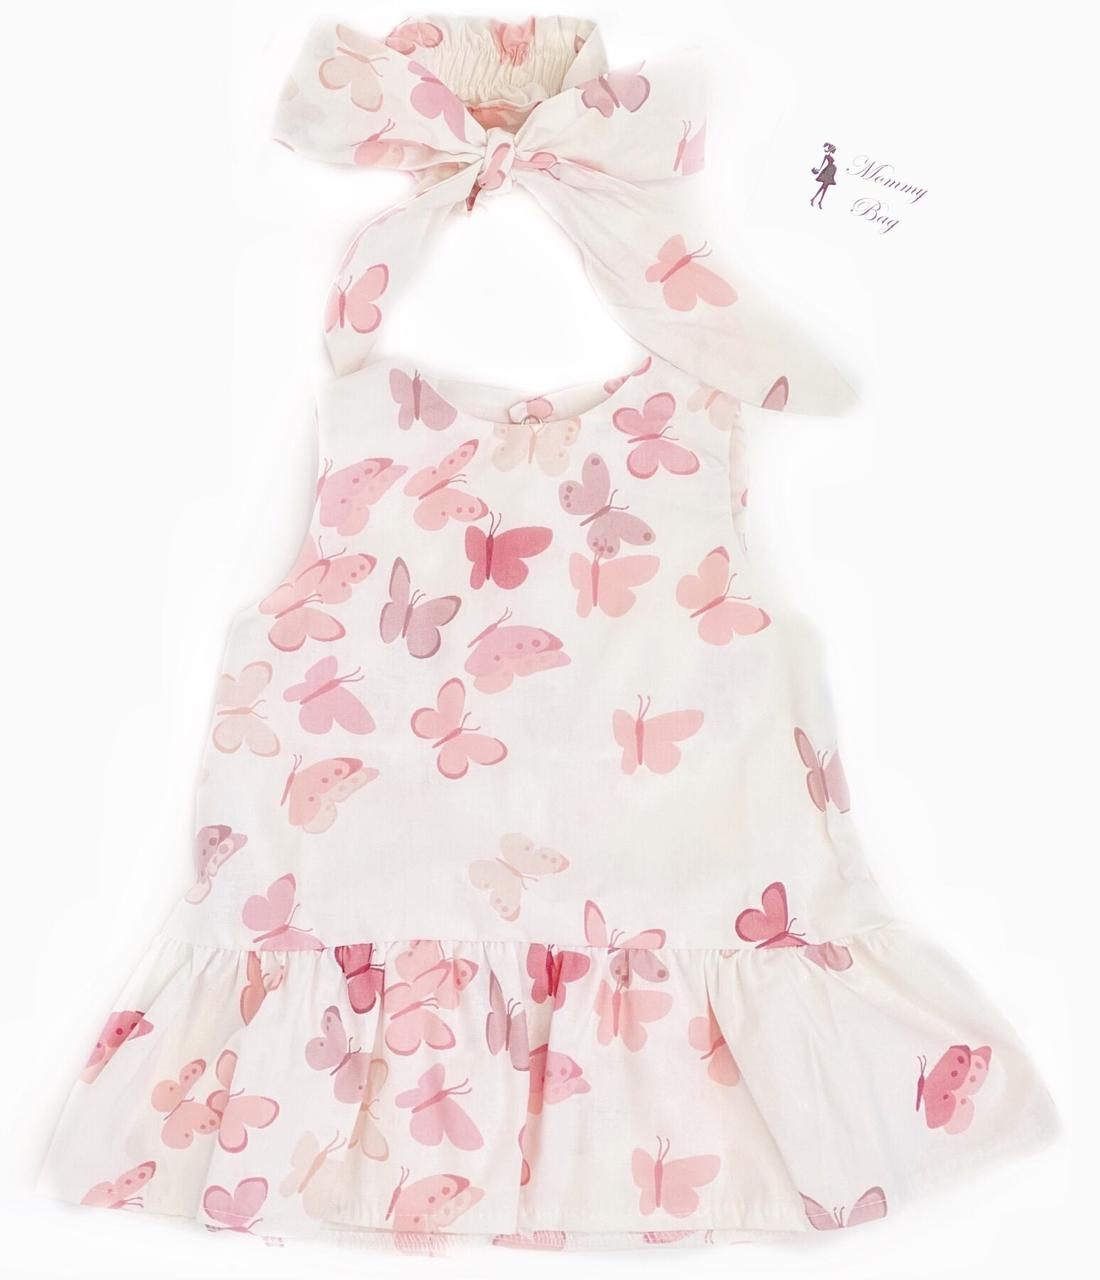 Платье с афробантом RoyalBaby Бабочки розовые р.62, 0-6 мес